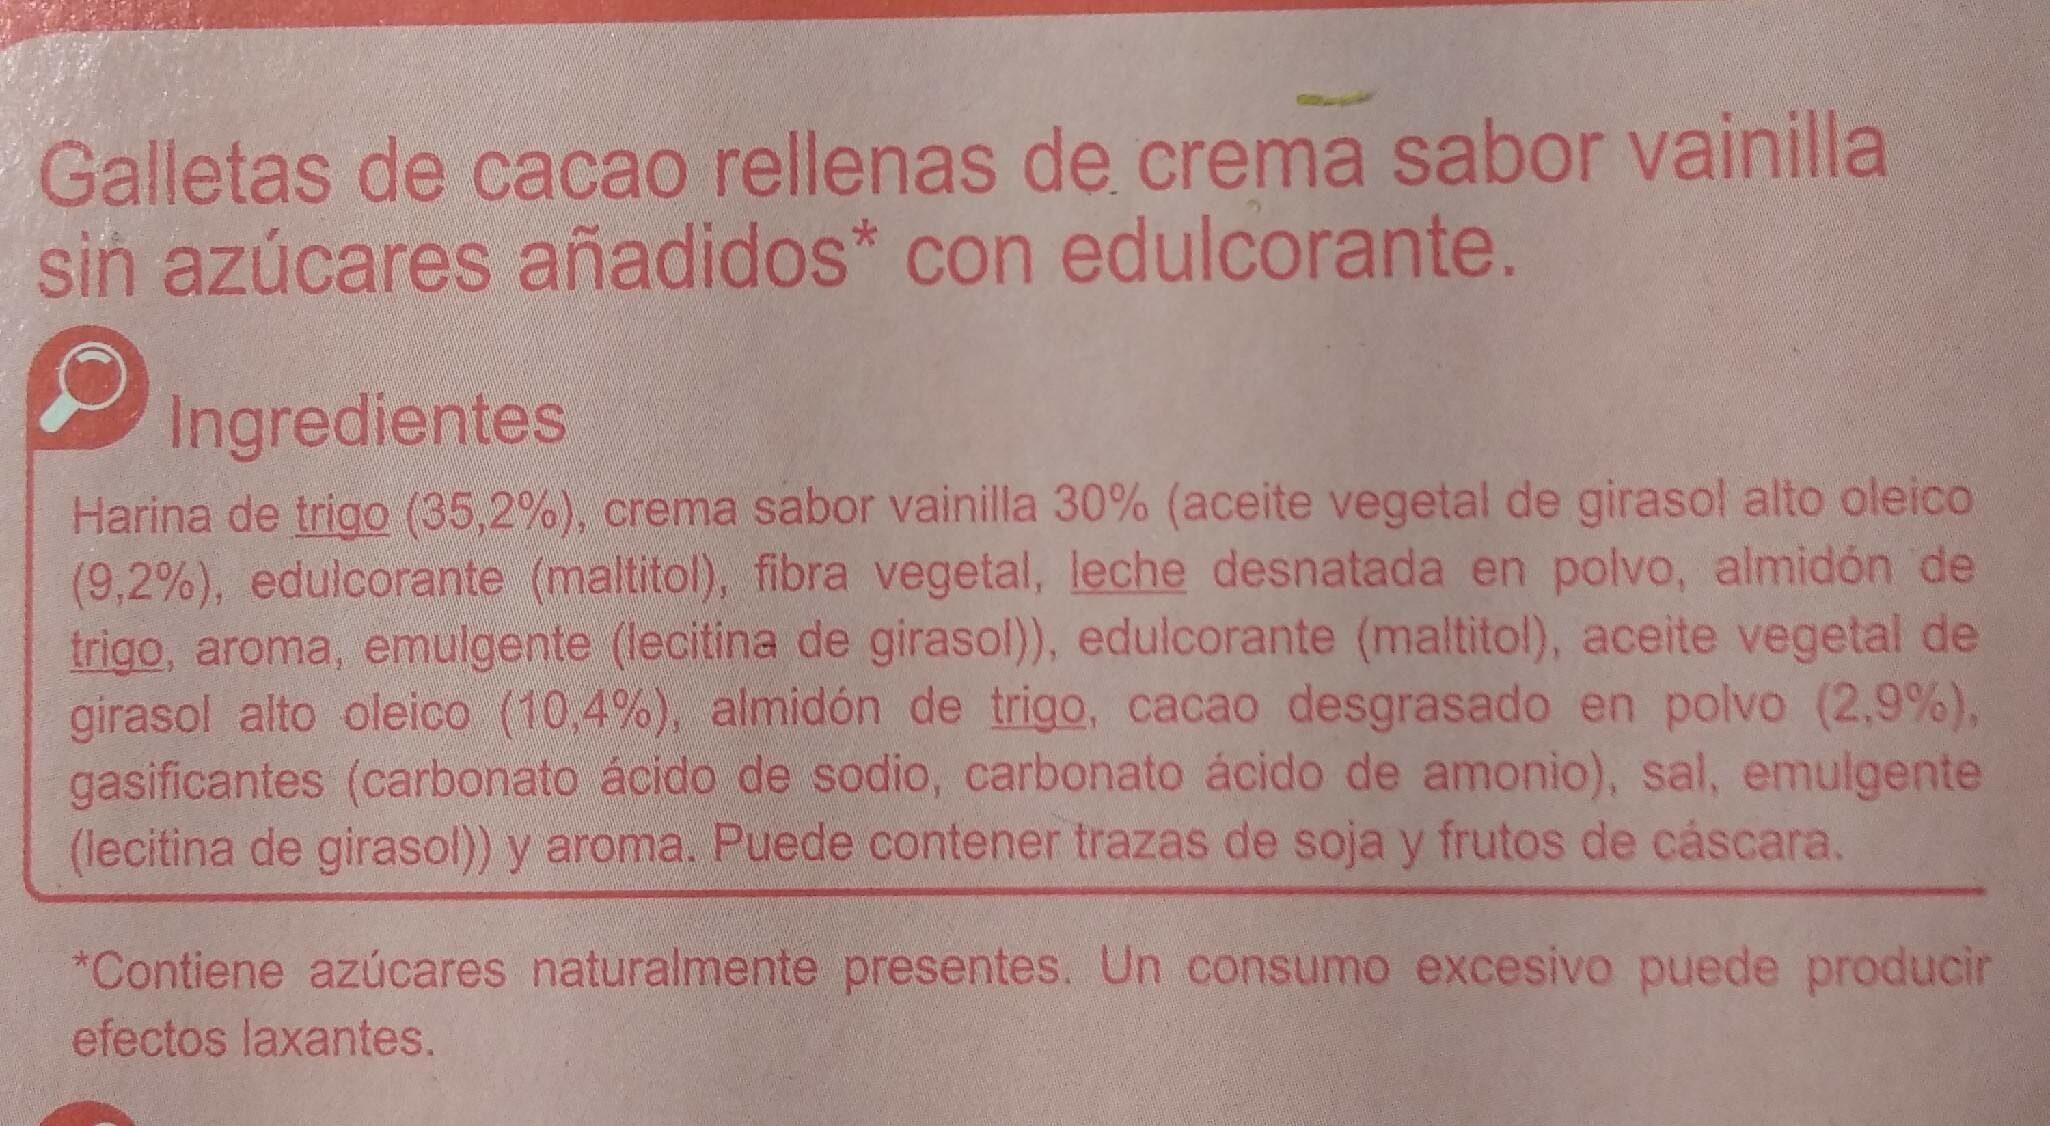 Galleta negra-blanca sin azúcares añadidos - Ingredients - es